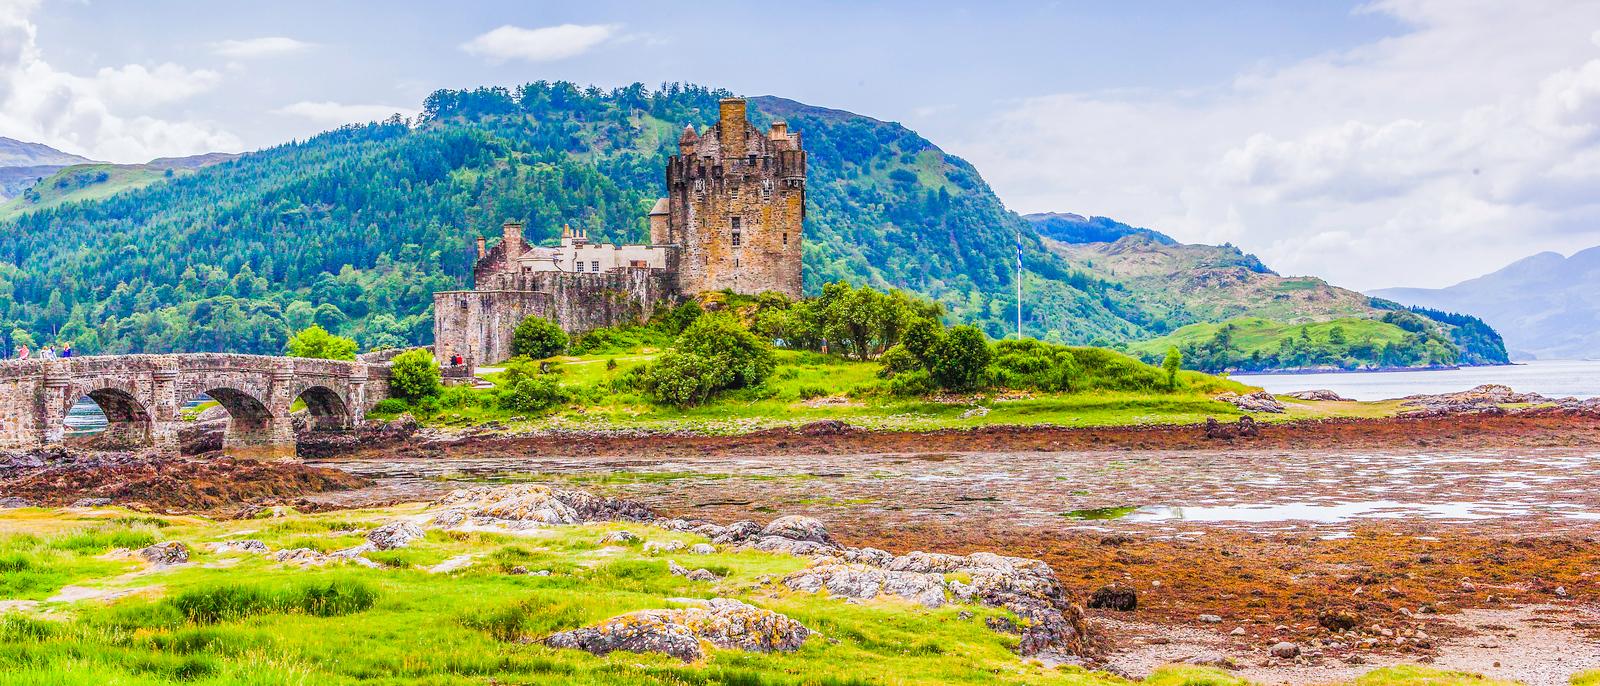 苏格兰艾琳多南城堡(Eilean Donan castle),著名景点